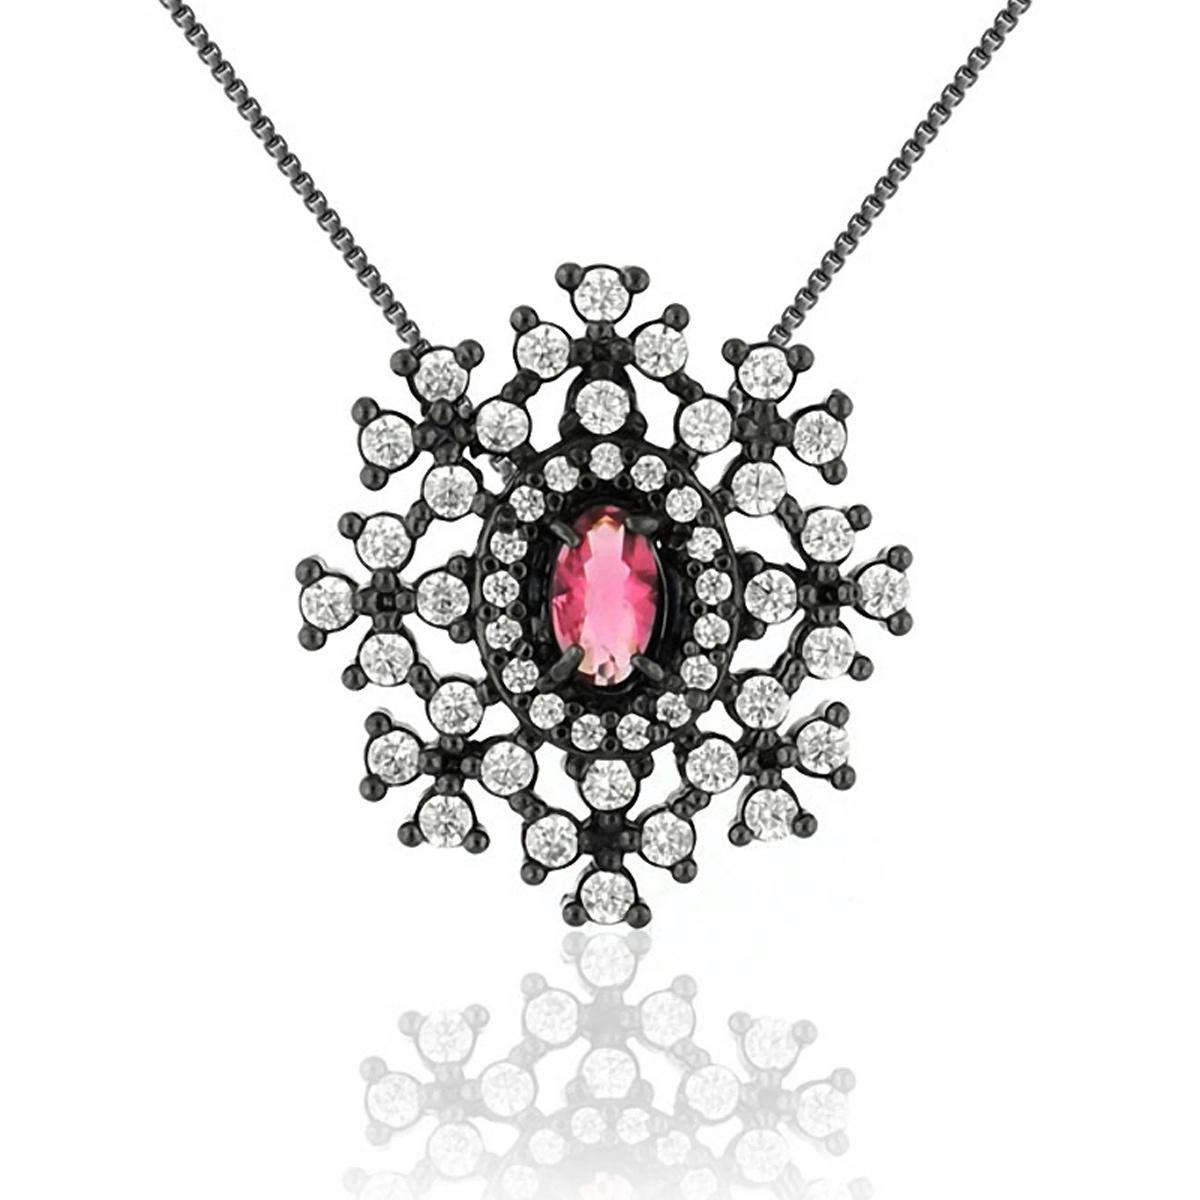 Colar de Pingente Flor Semijoia em Ródio Negro com Zircônias Branca e Cristal Rubi  - SOLOYOU